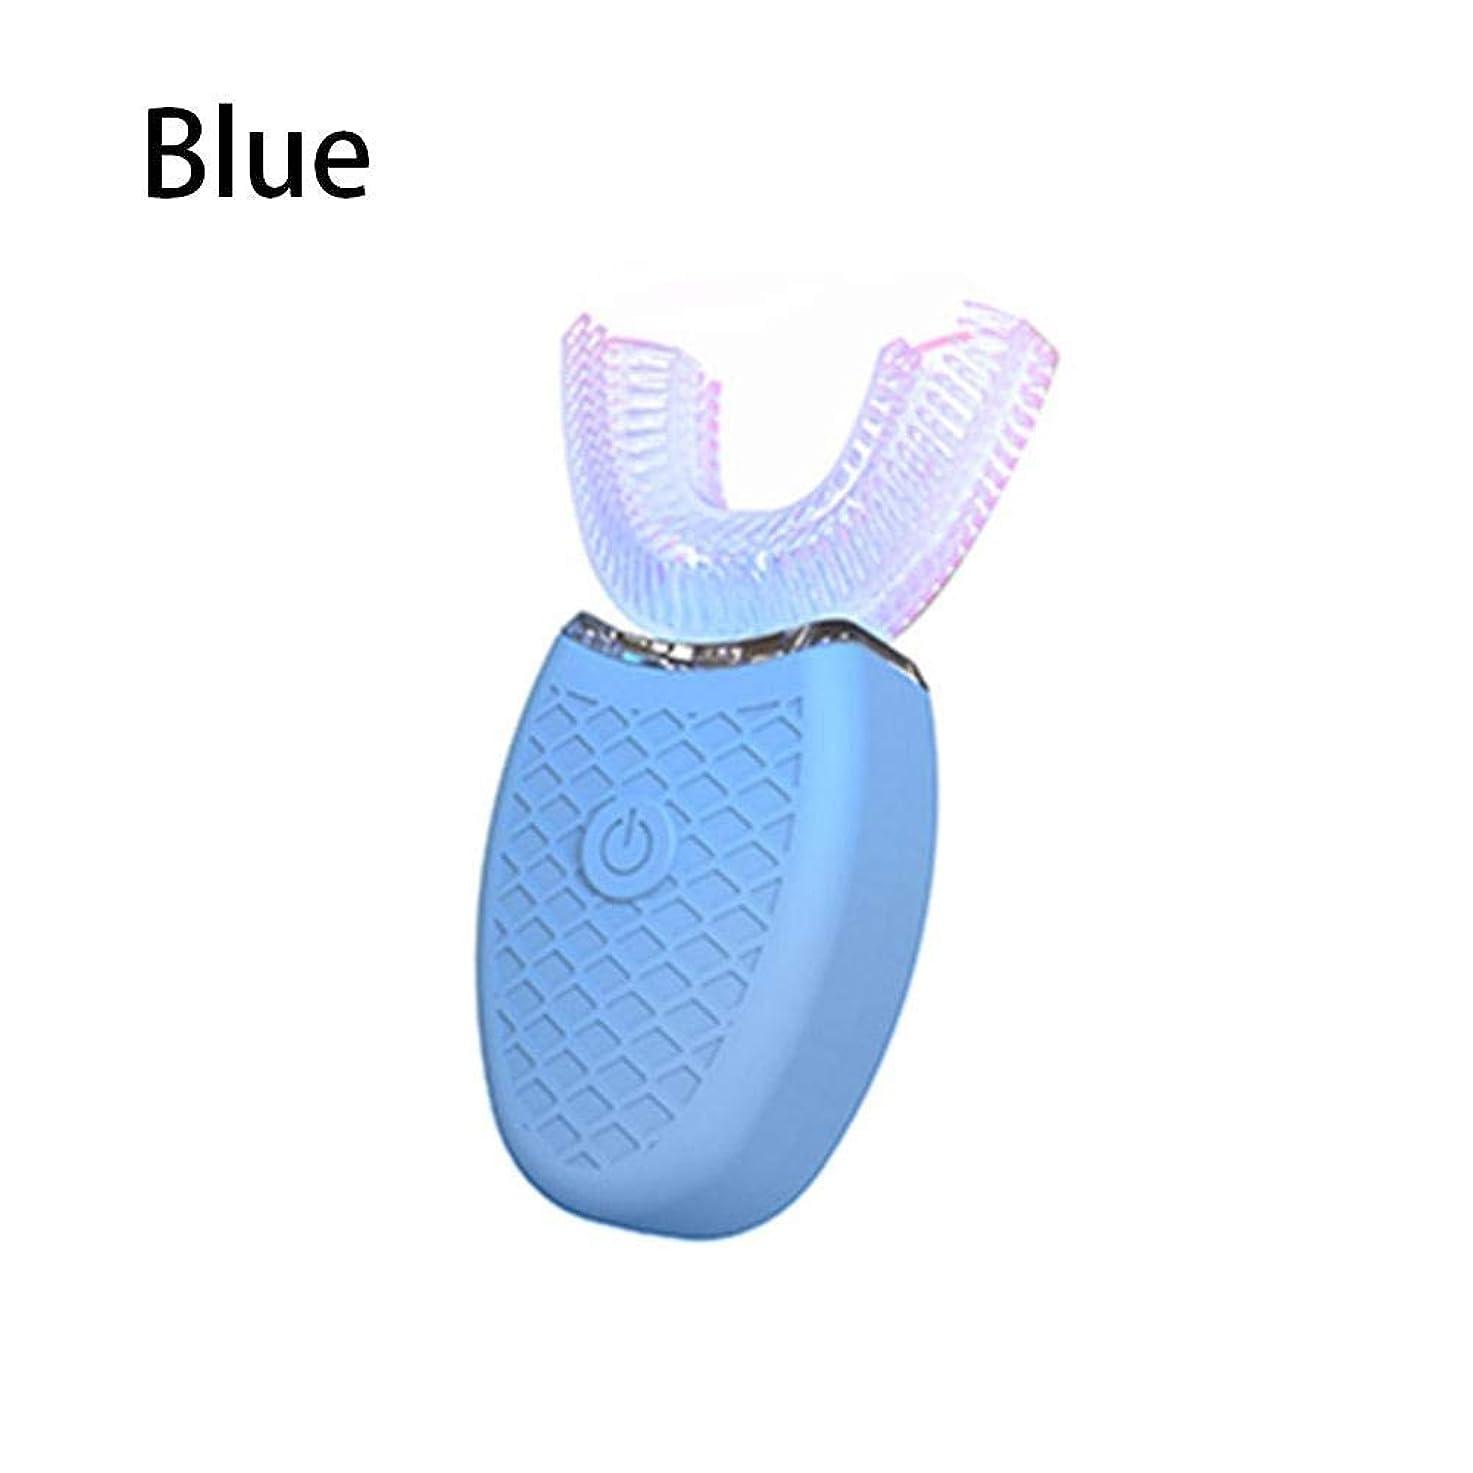 紛争女性矩形?超音波自動電動歯ブラシU字型歯科用クリーナー防水ポータブルソニック歯ブラシ